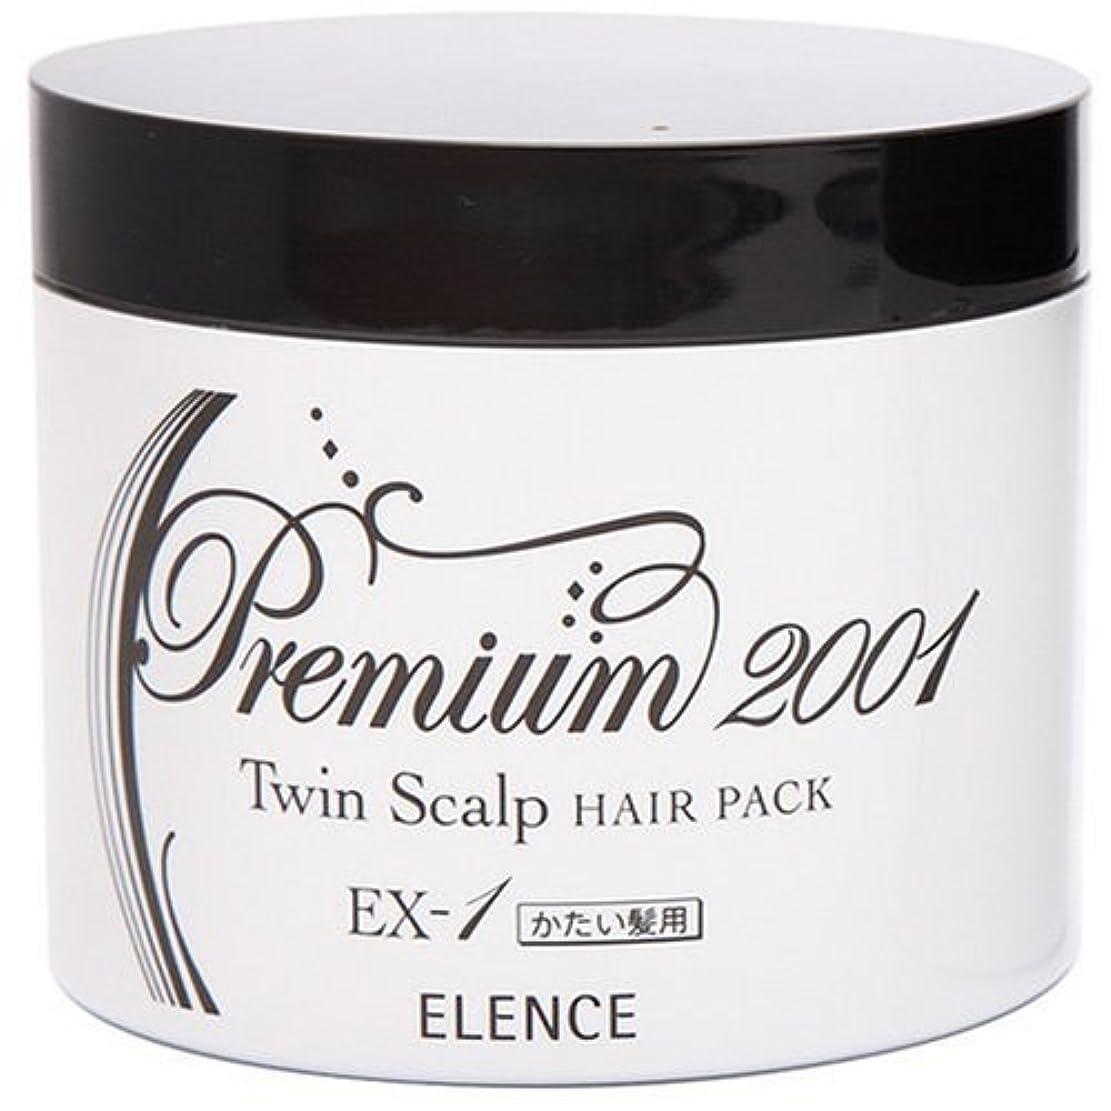 棚より多いバーマドエレンス2001 ツインスキャルプヘアパックEX-1(かたい髪用)